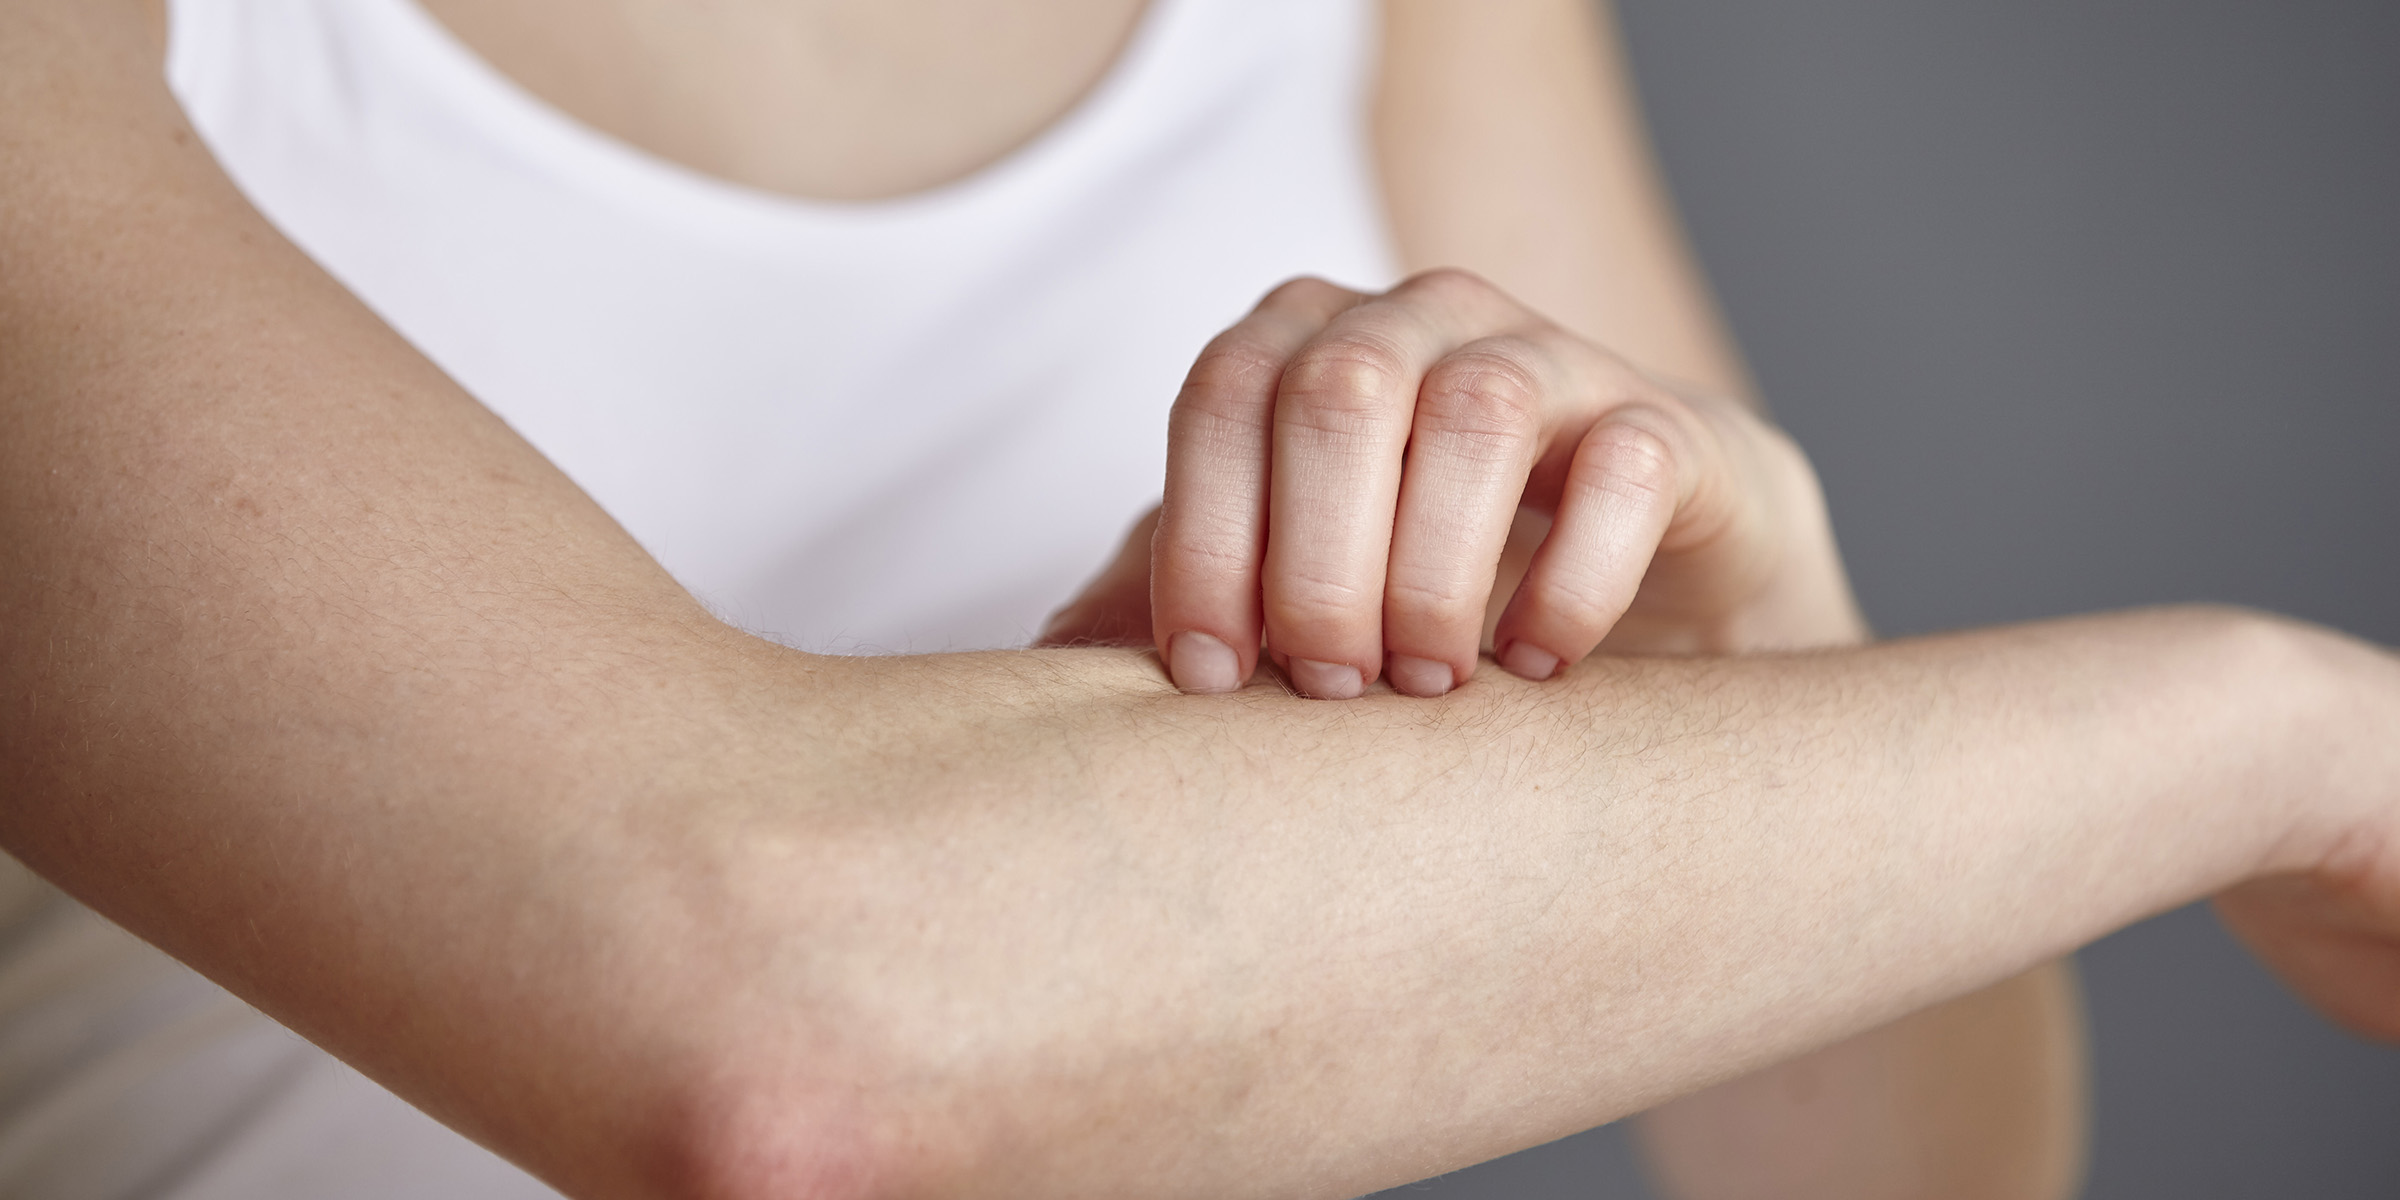 Parti ale corpului care pot fi afectate de o alergie